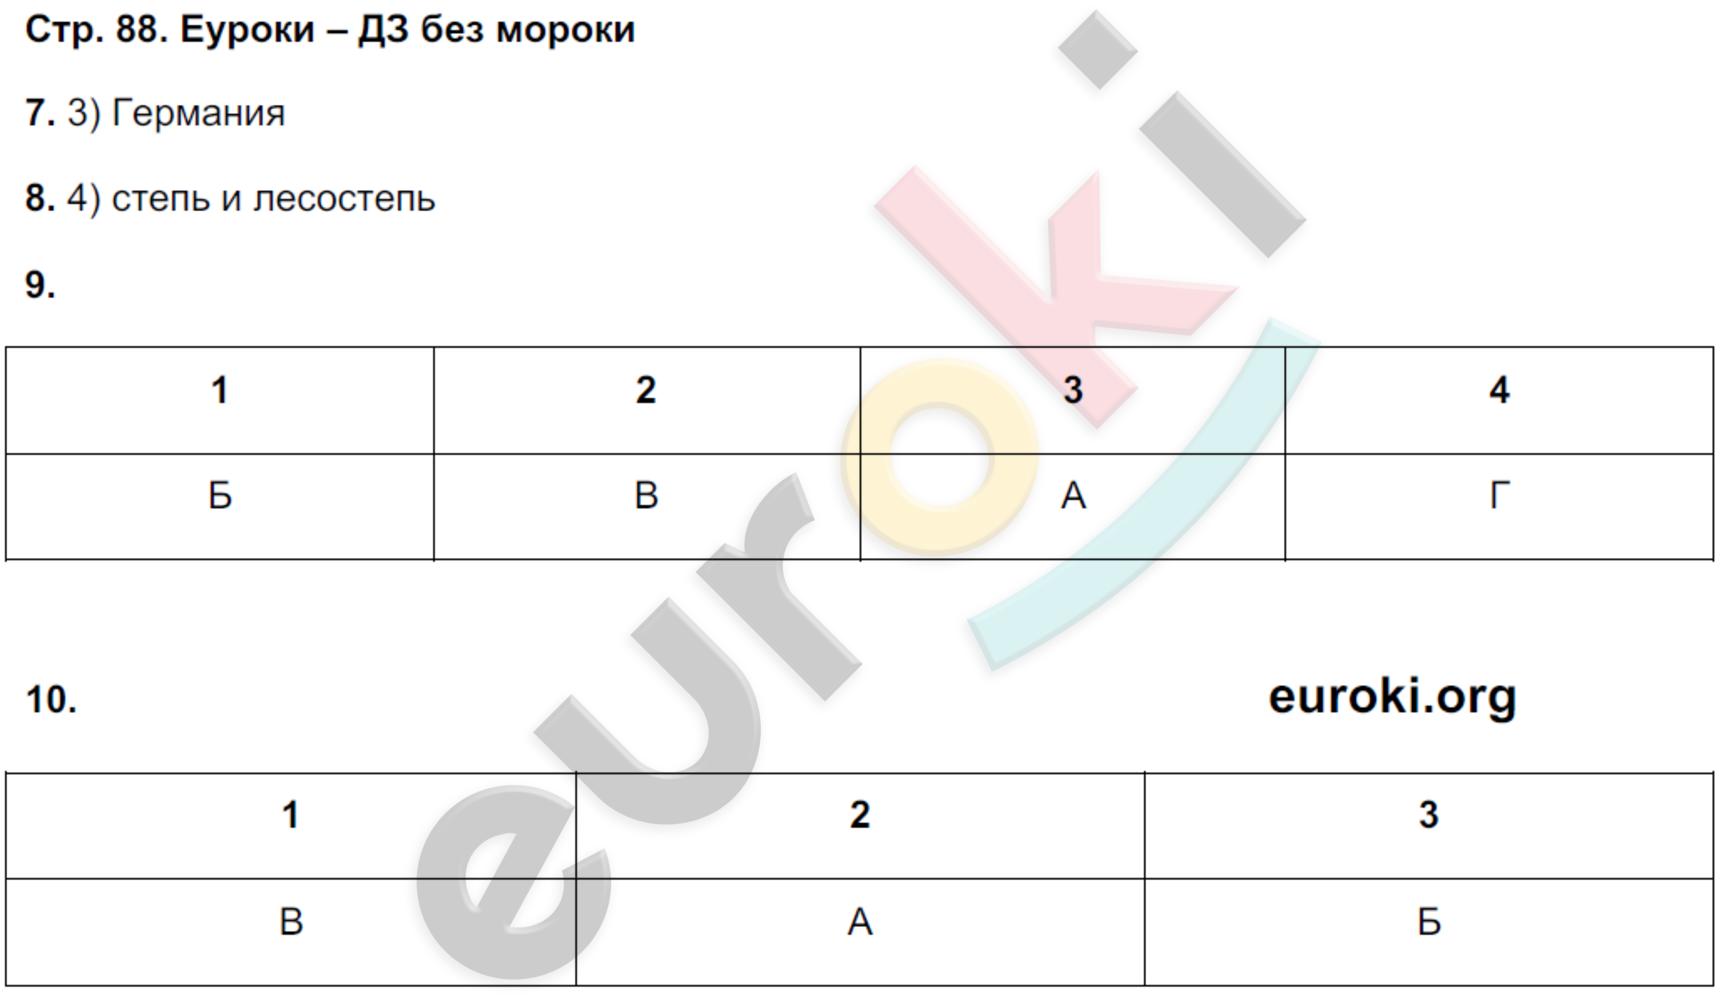 ГДЗ по географии 5 класс тетрадь экзаменатор Барабанов. Задание: стр. 88